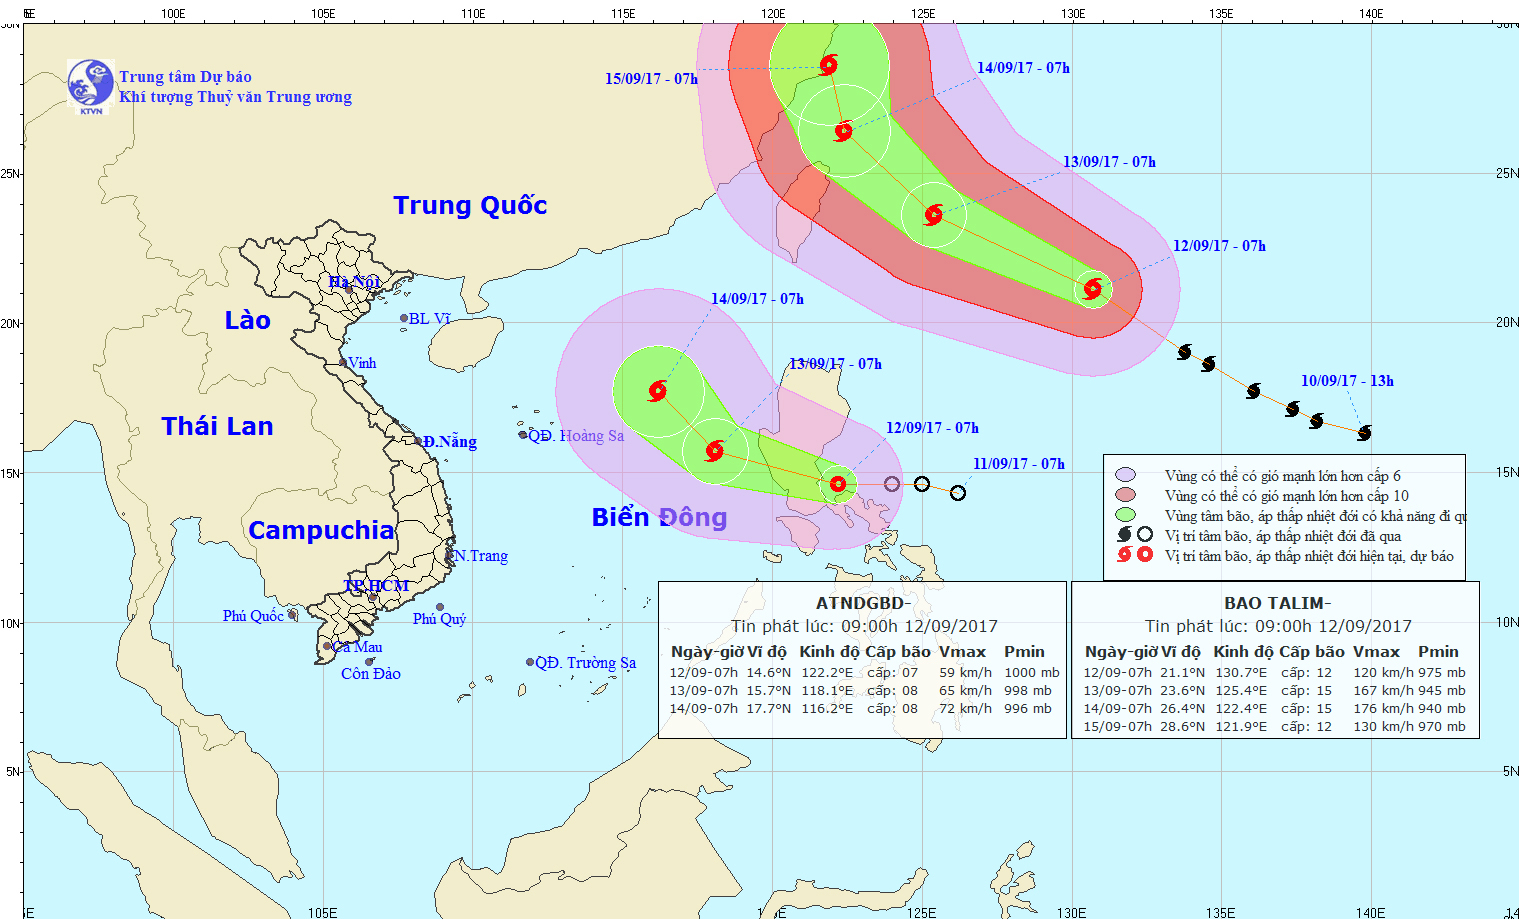 Bão Talim và áp thấp nhiệt đới hướng lên phía Trung Quốc - Ảnh 1.